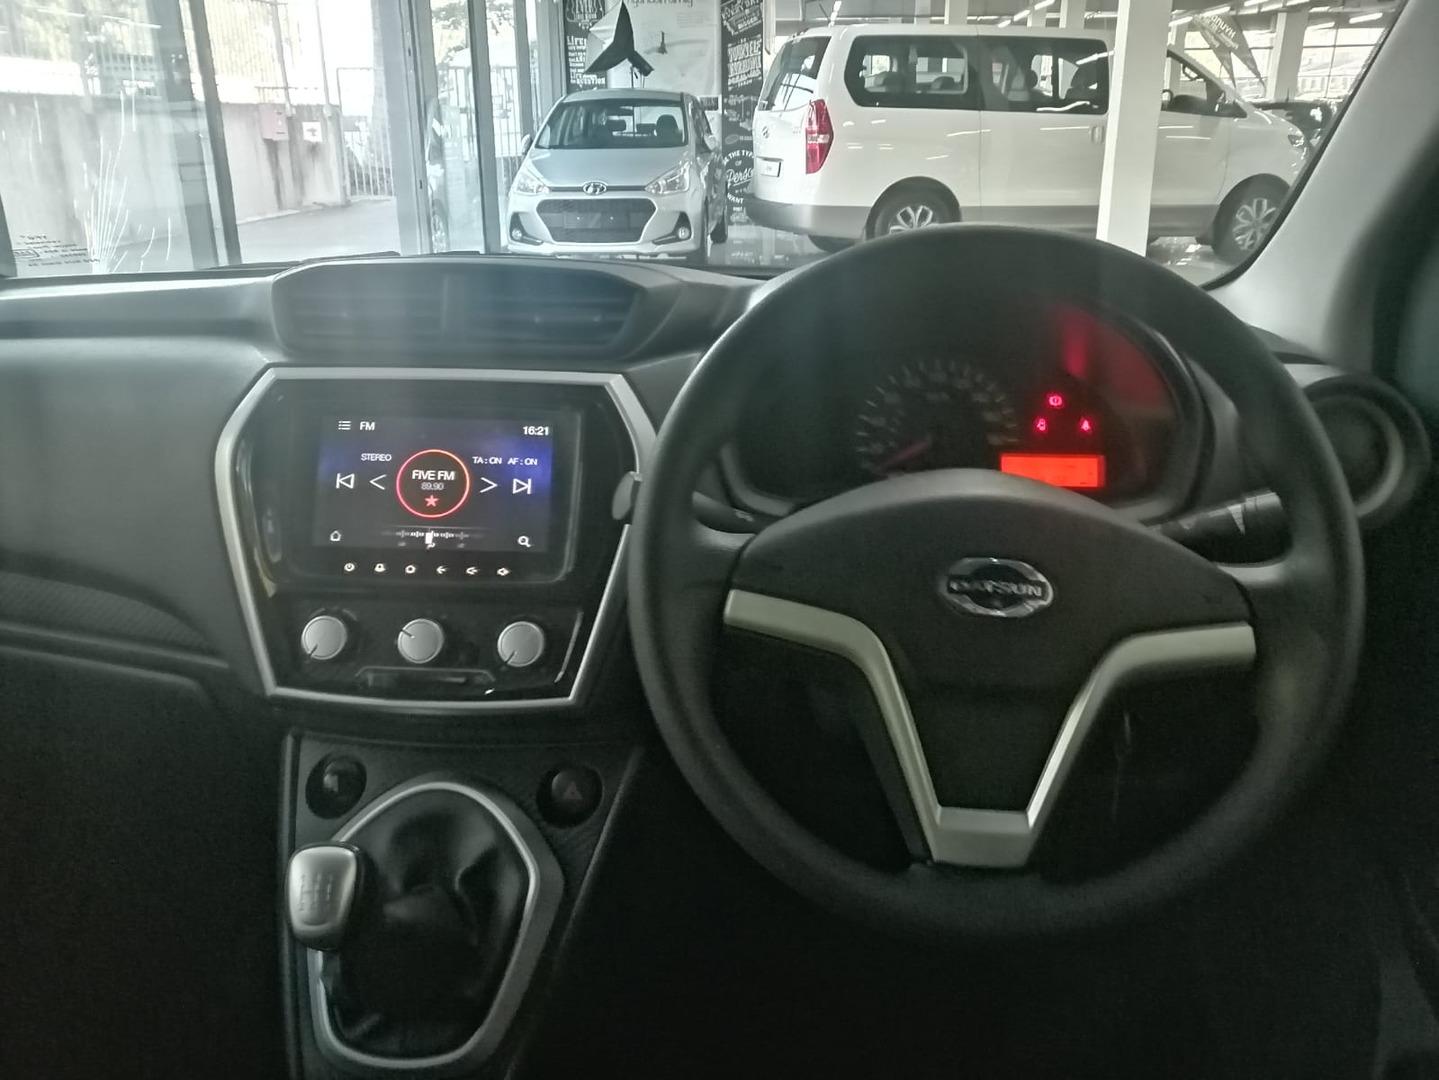 DATSUN 1.2 MID Durban 6324715